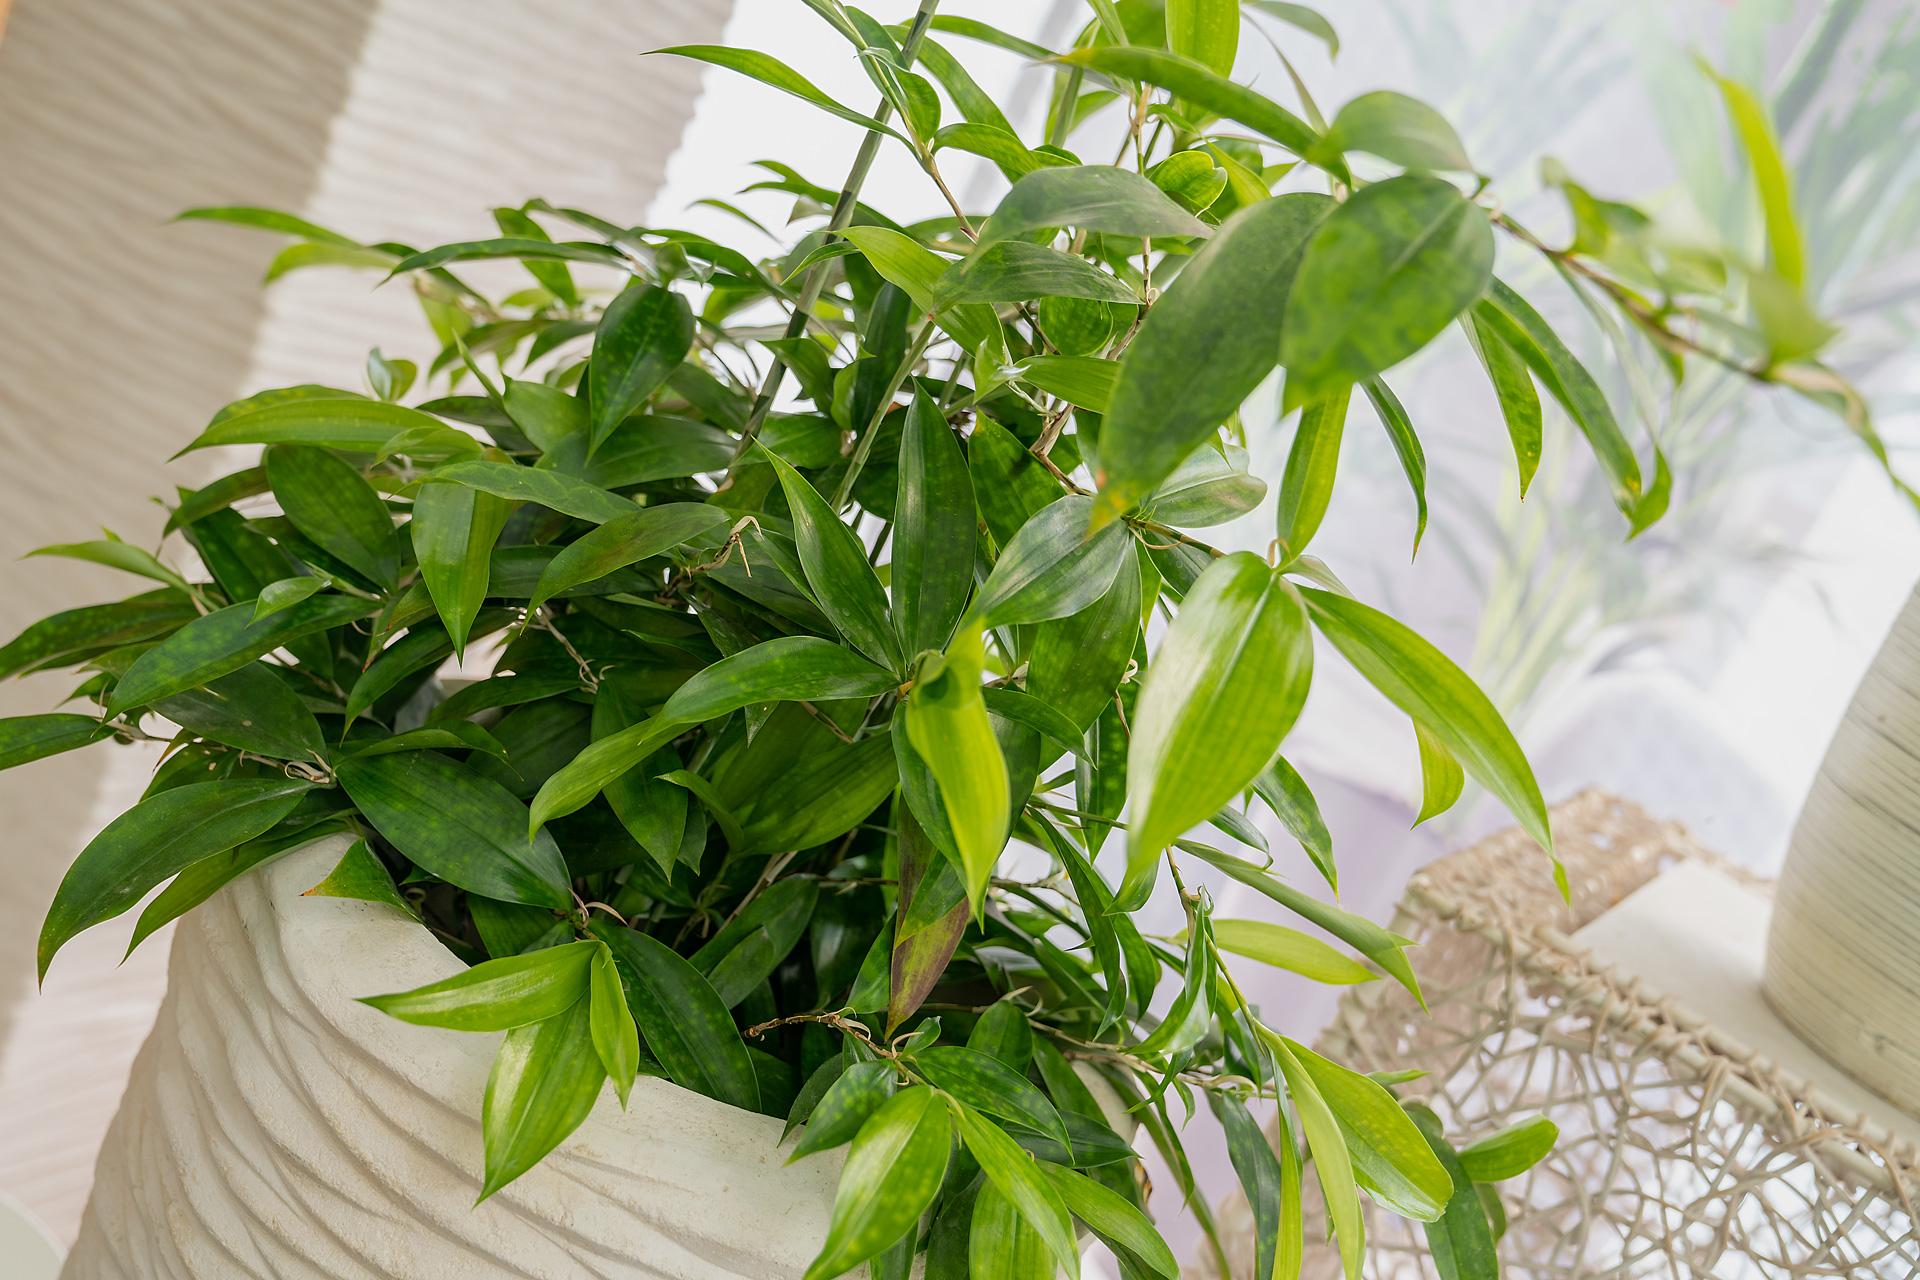 Grünpflanzen aus Ihrer Gärtnerei